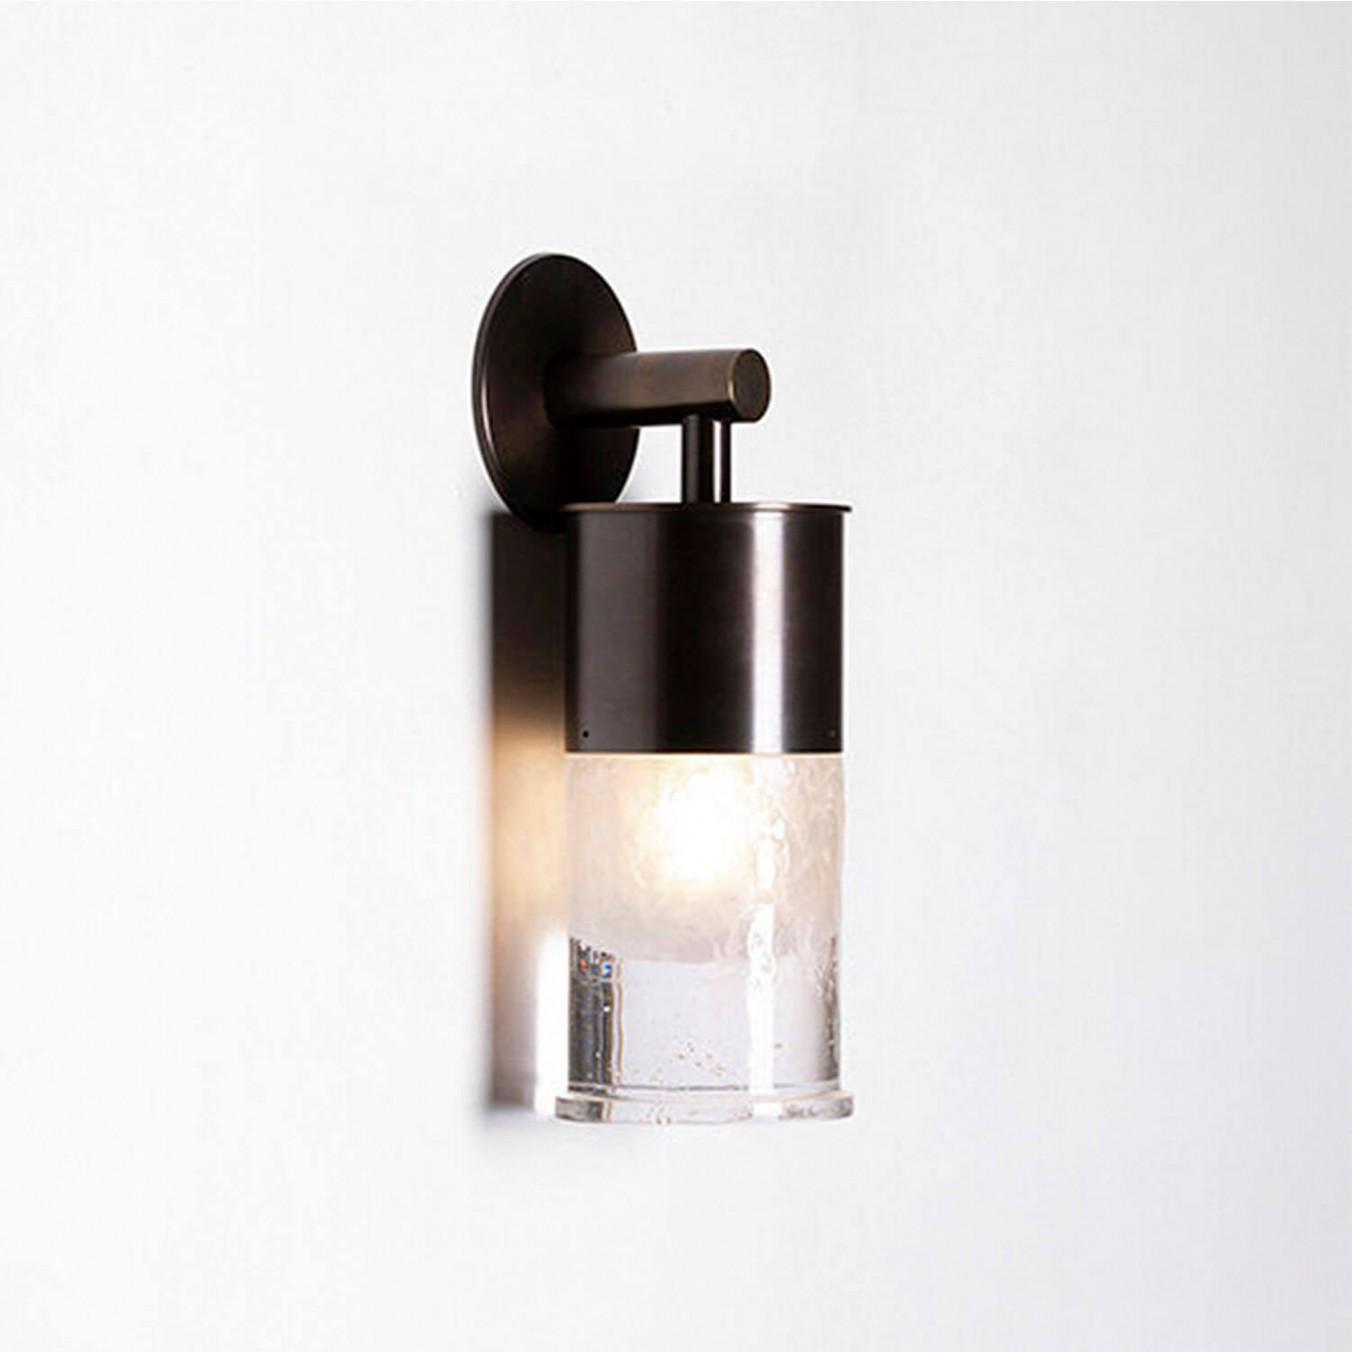 bora sconce downlight - small